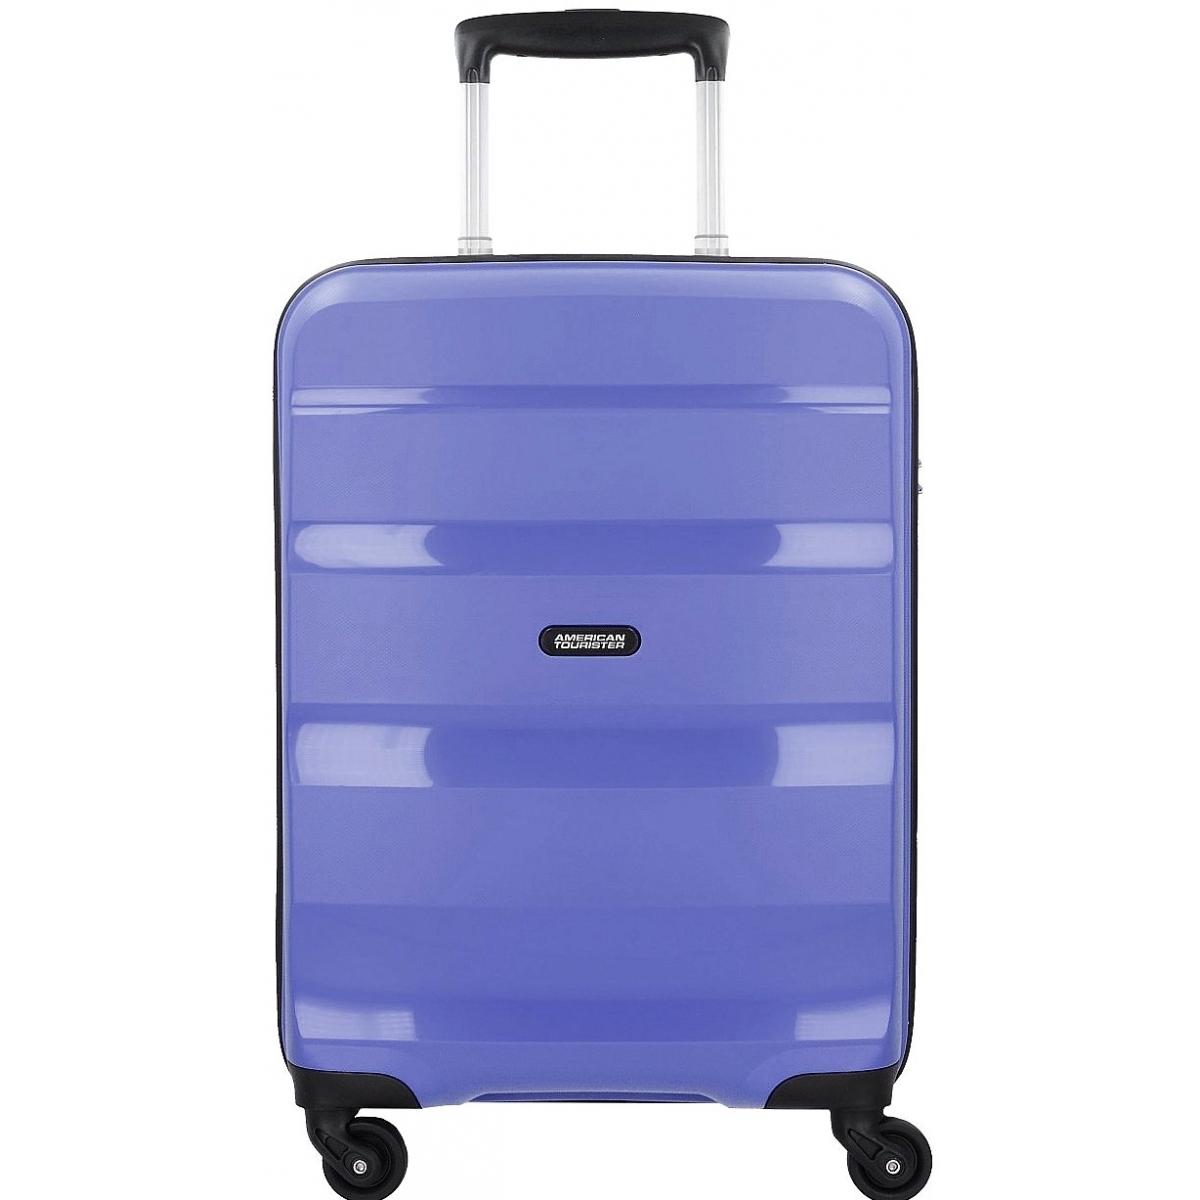 valise cabine bon air american tourister 55cm bonair22 couleur principale purple valise. Black Bedroom Furniture Sets. Home Design Ideas